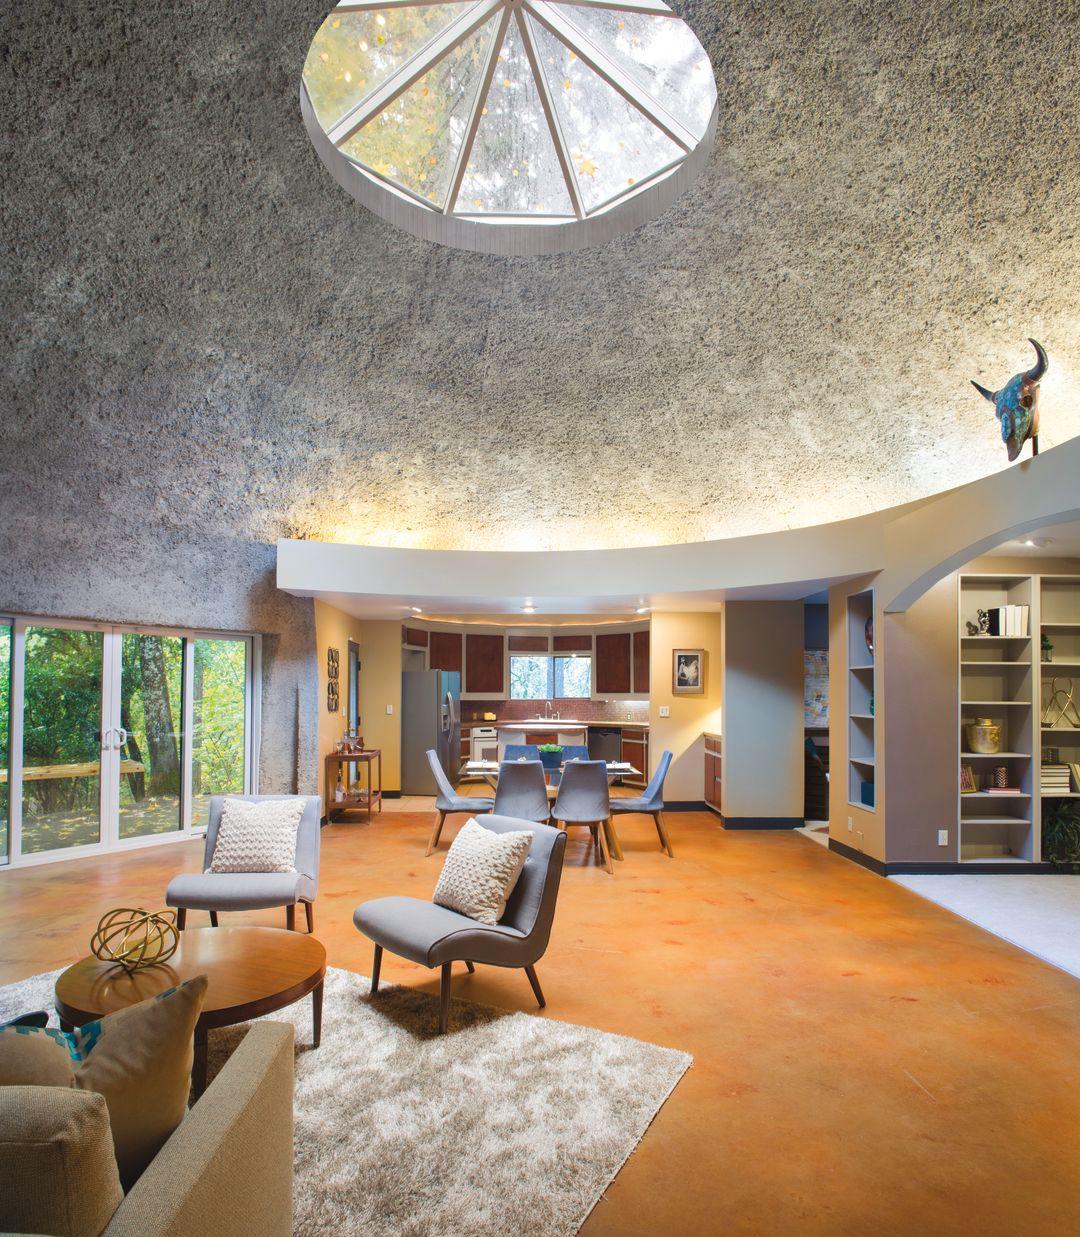 Oregon's Most Famous Mime Built A Hobbit House In West